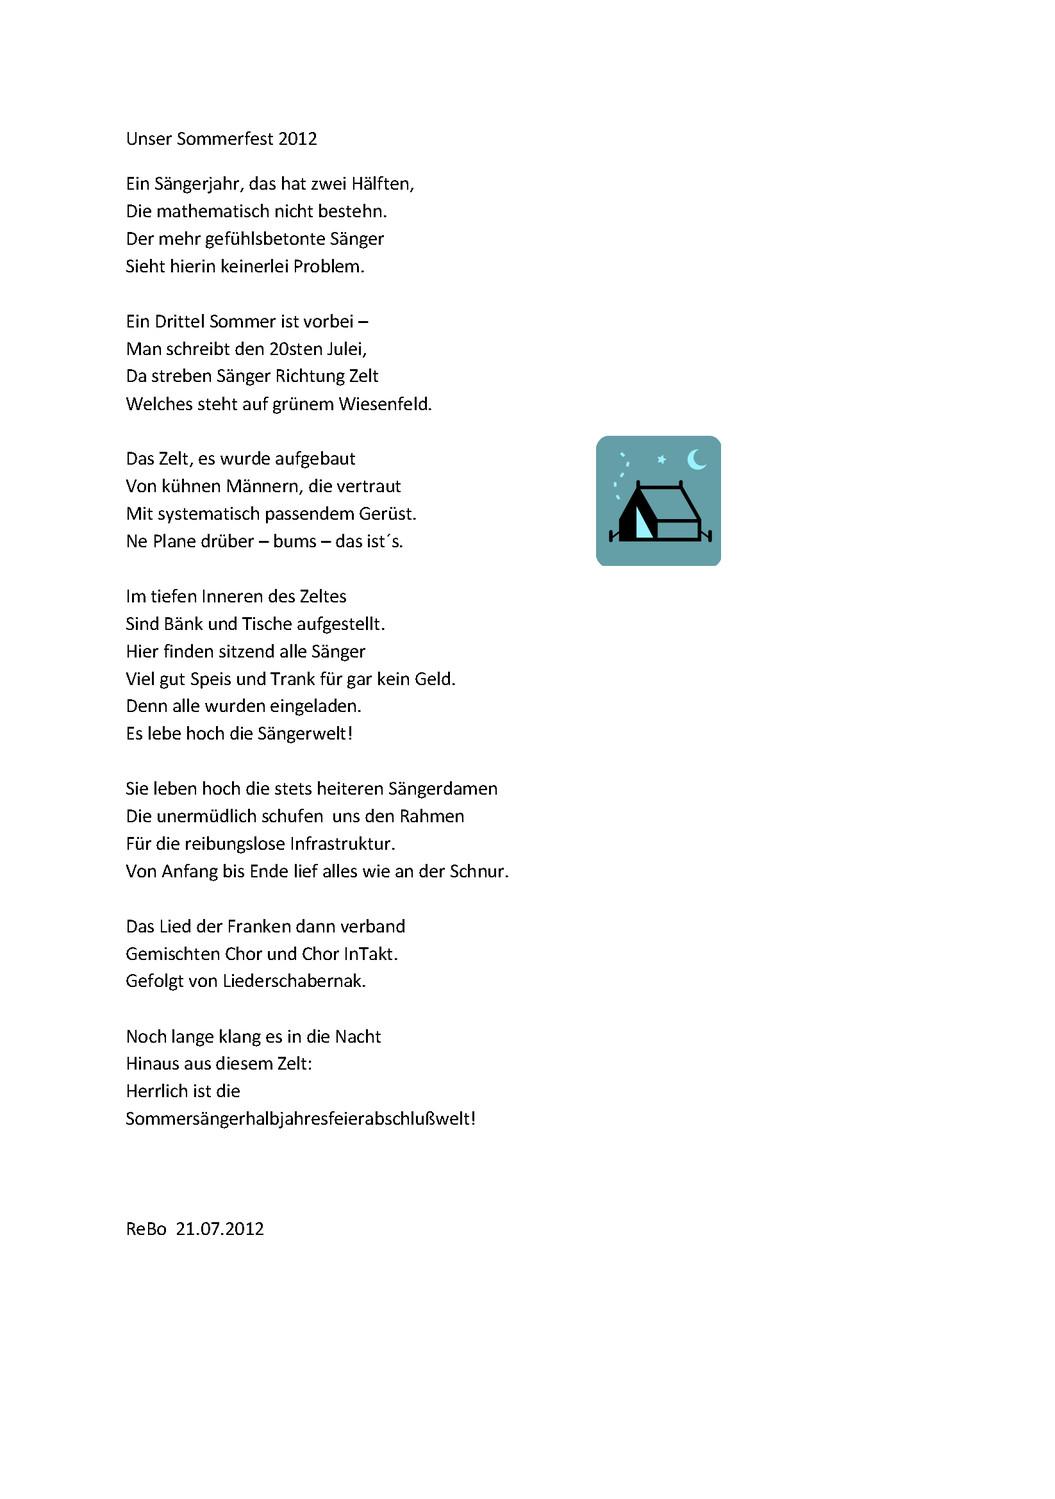 Gedicht von Regina Bolgen